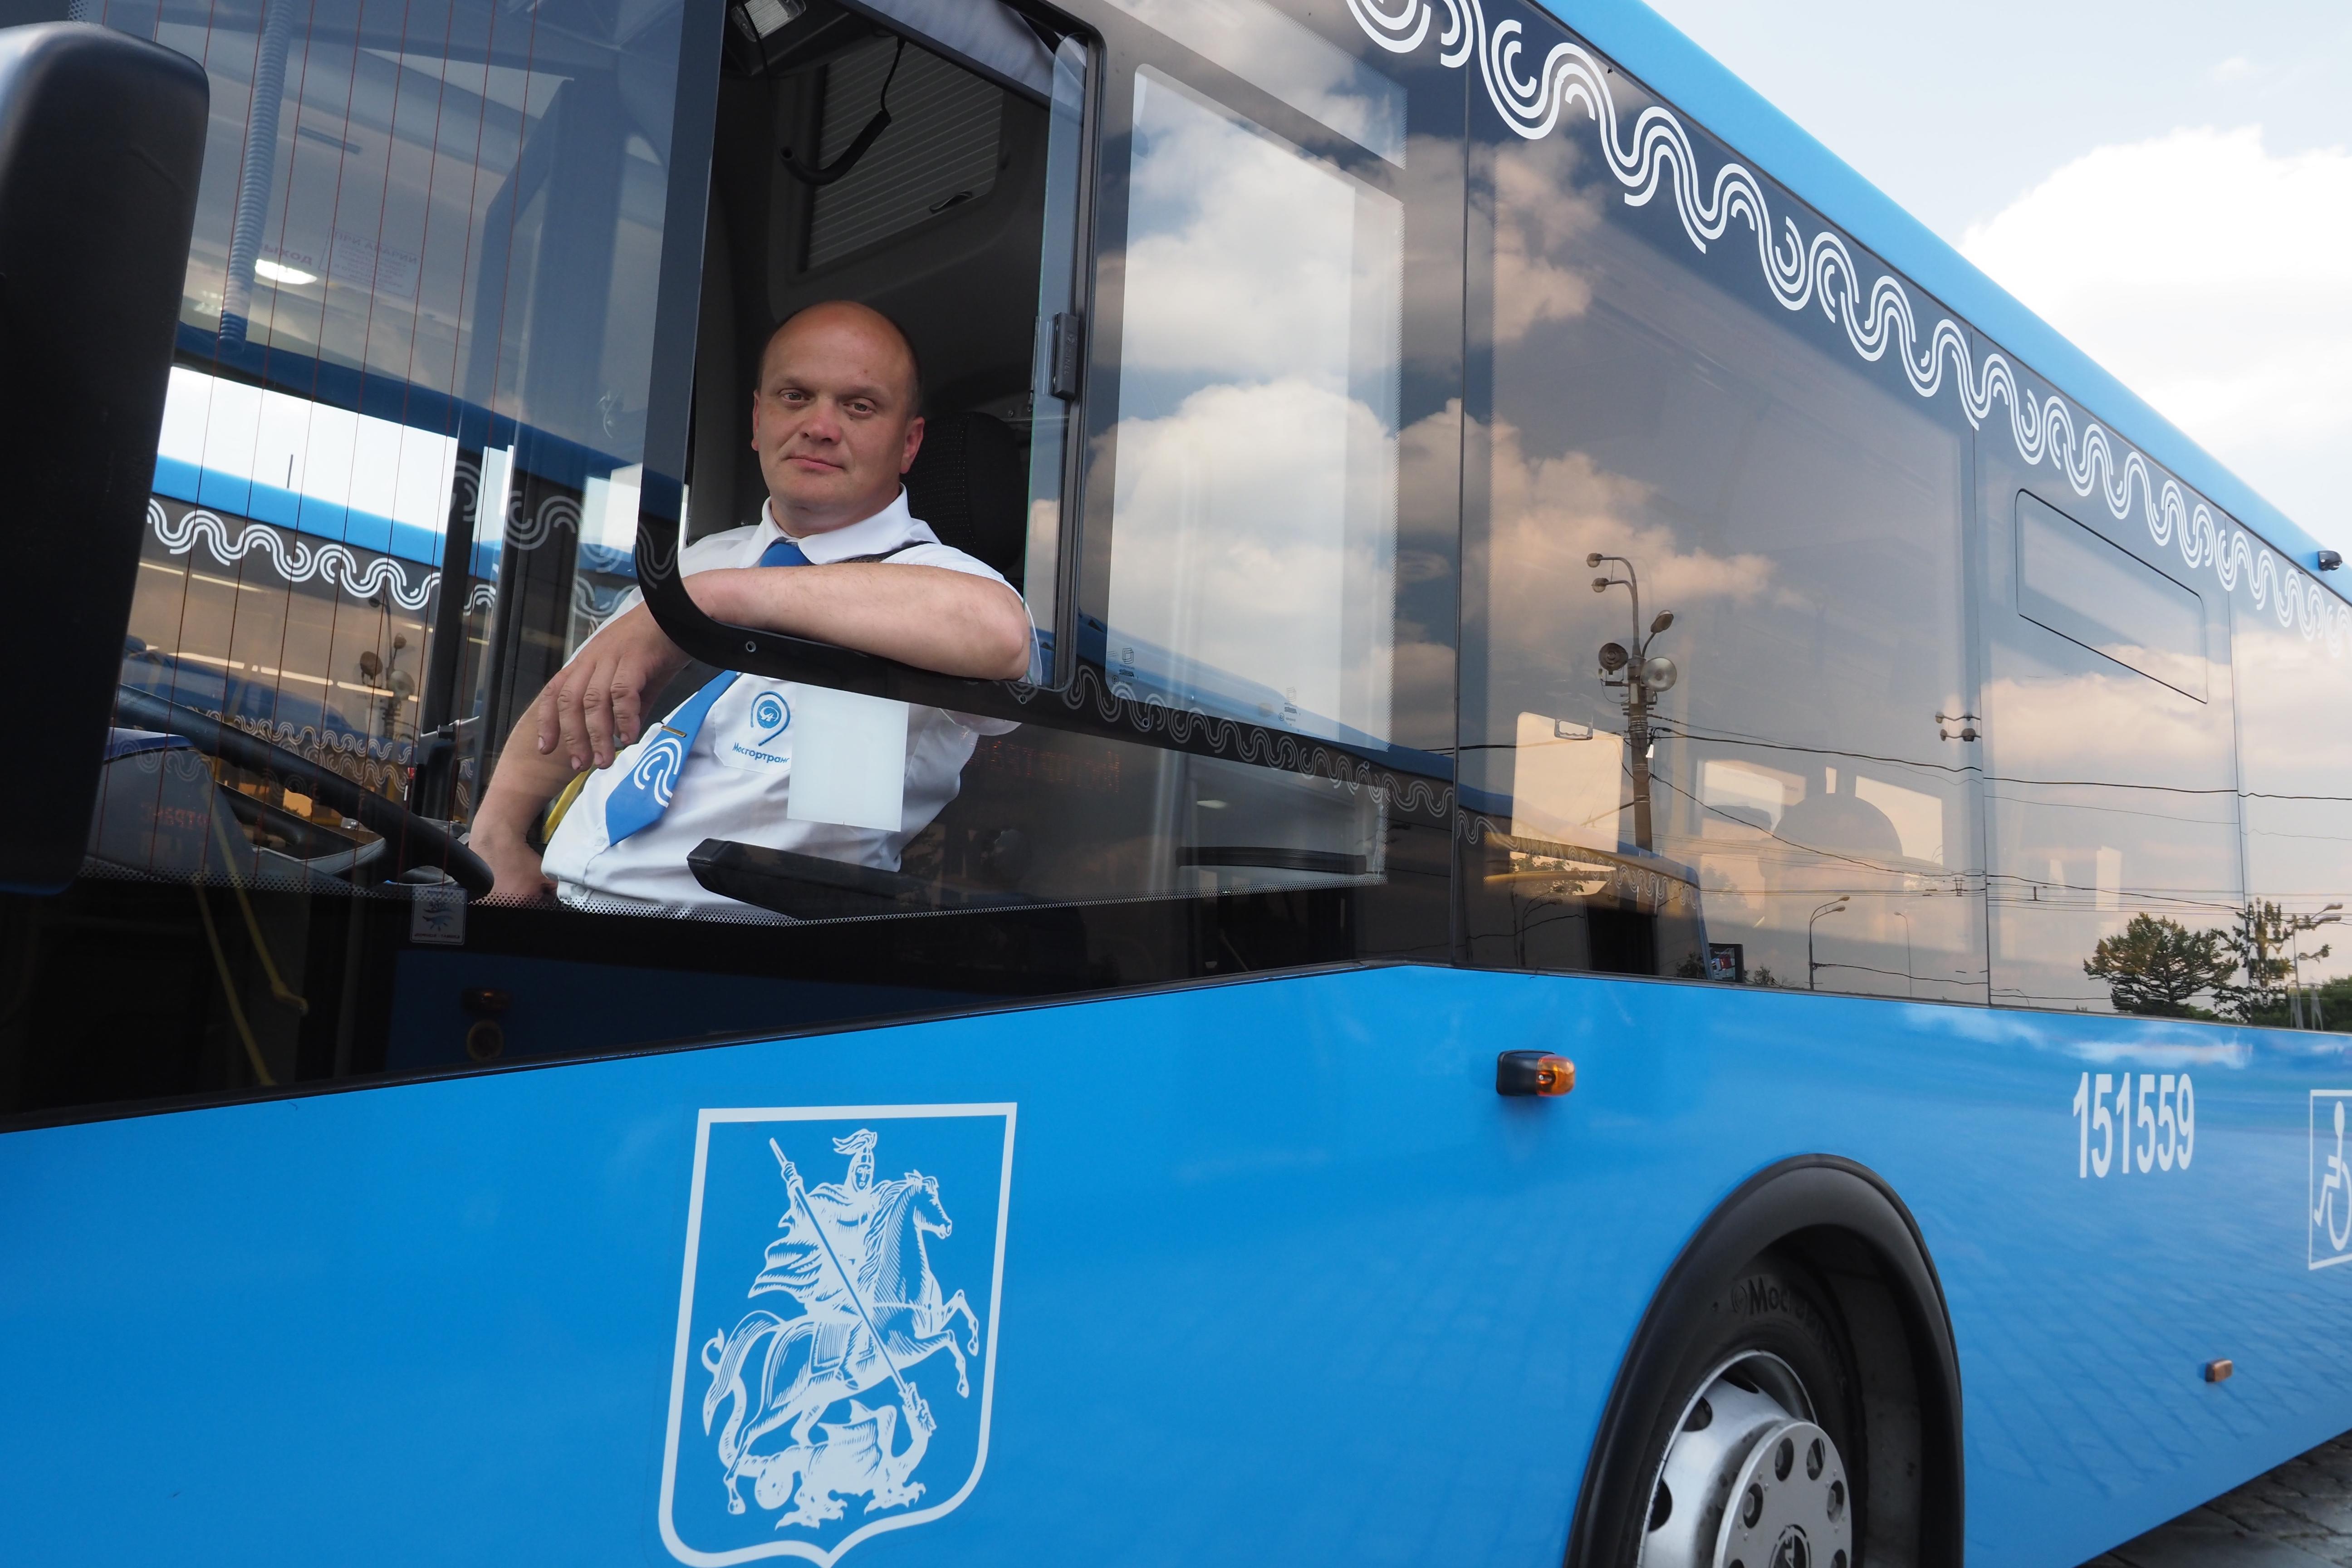 Бесплатные автобусы запустят в Новой Москве на время закрытия четырех станций метро